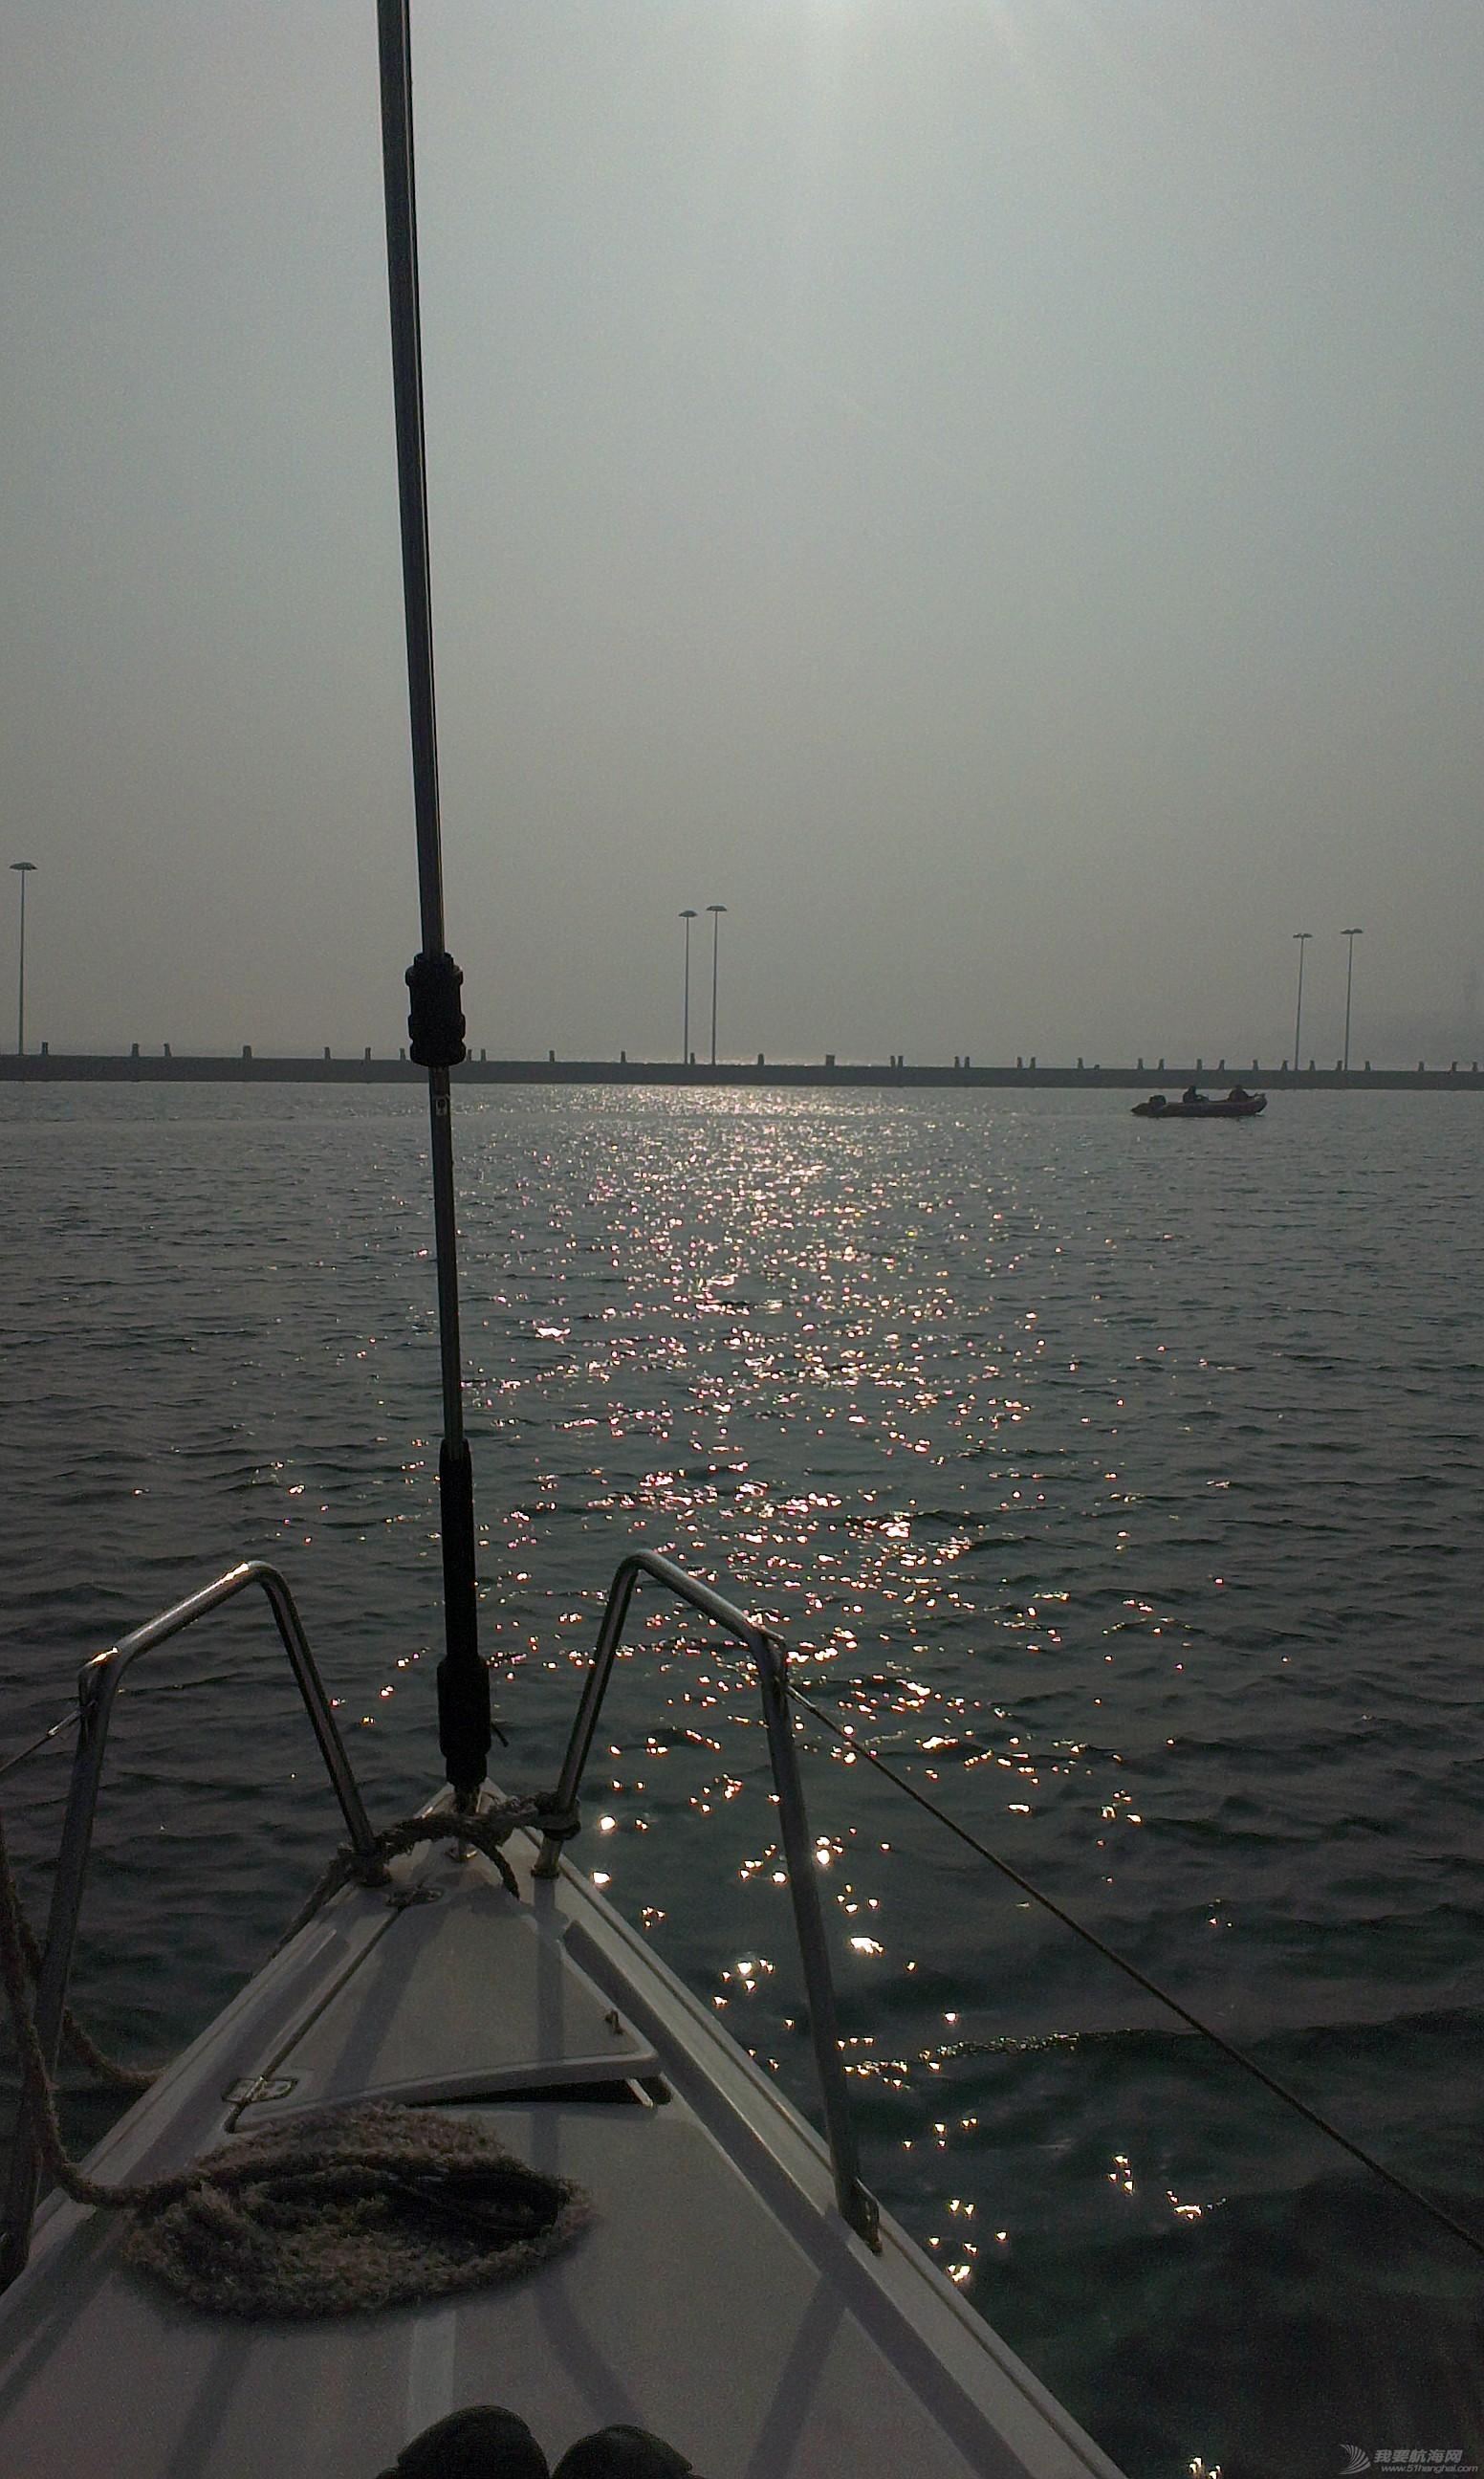 帆船 免费航海不是梦…我是十四期学员(我要去航海/全民公益航海帆船训练) IMAG0133.jpg